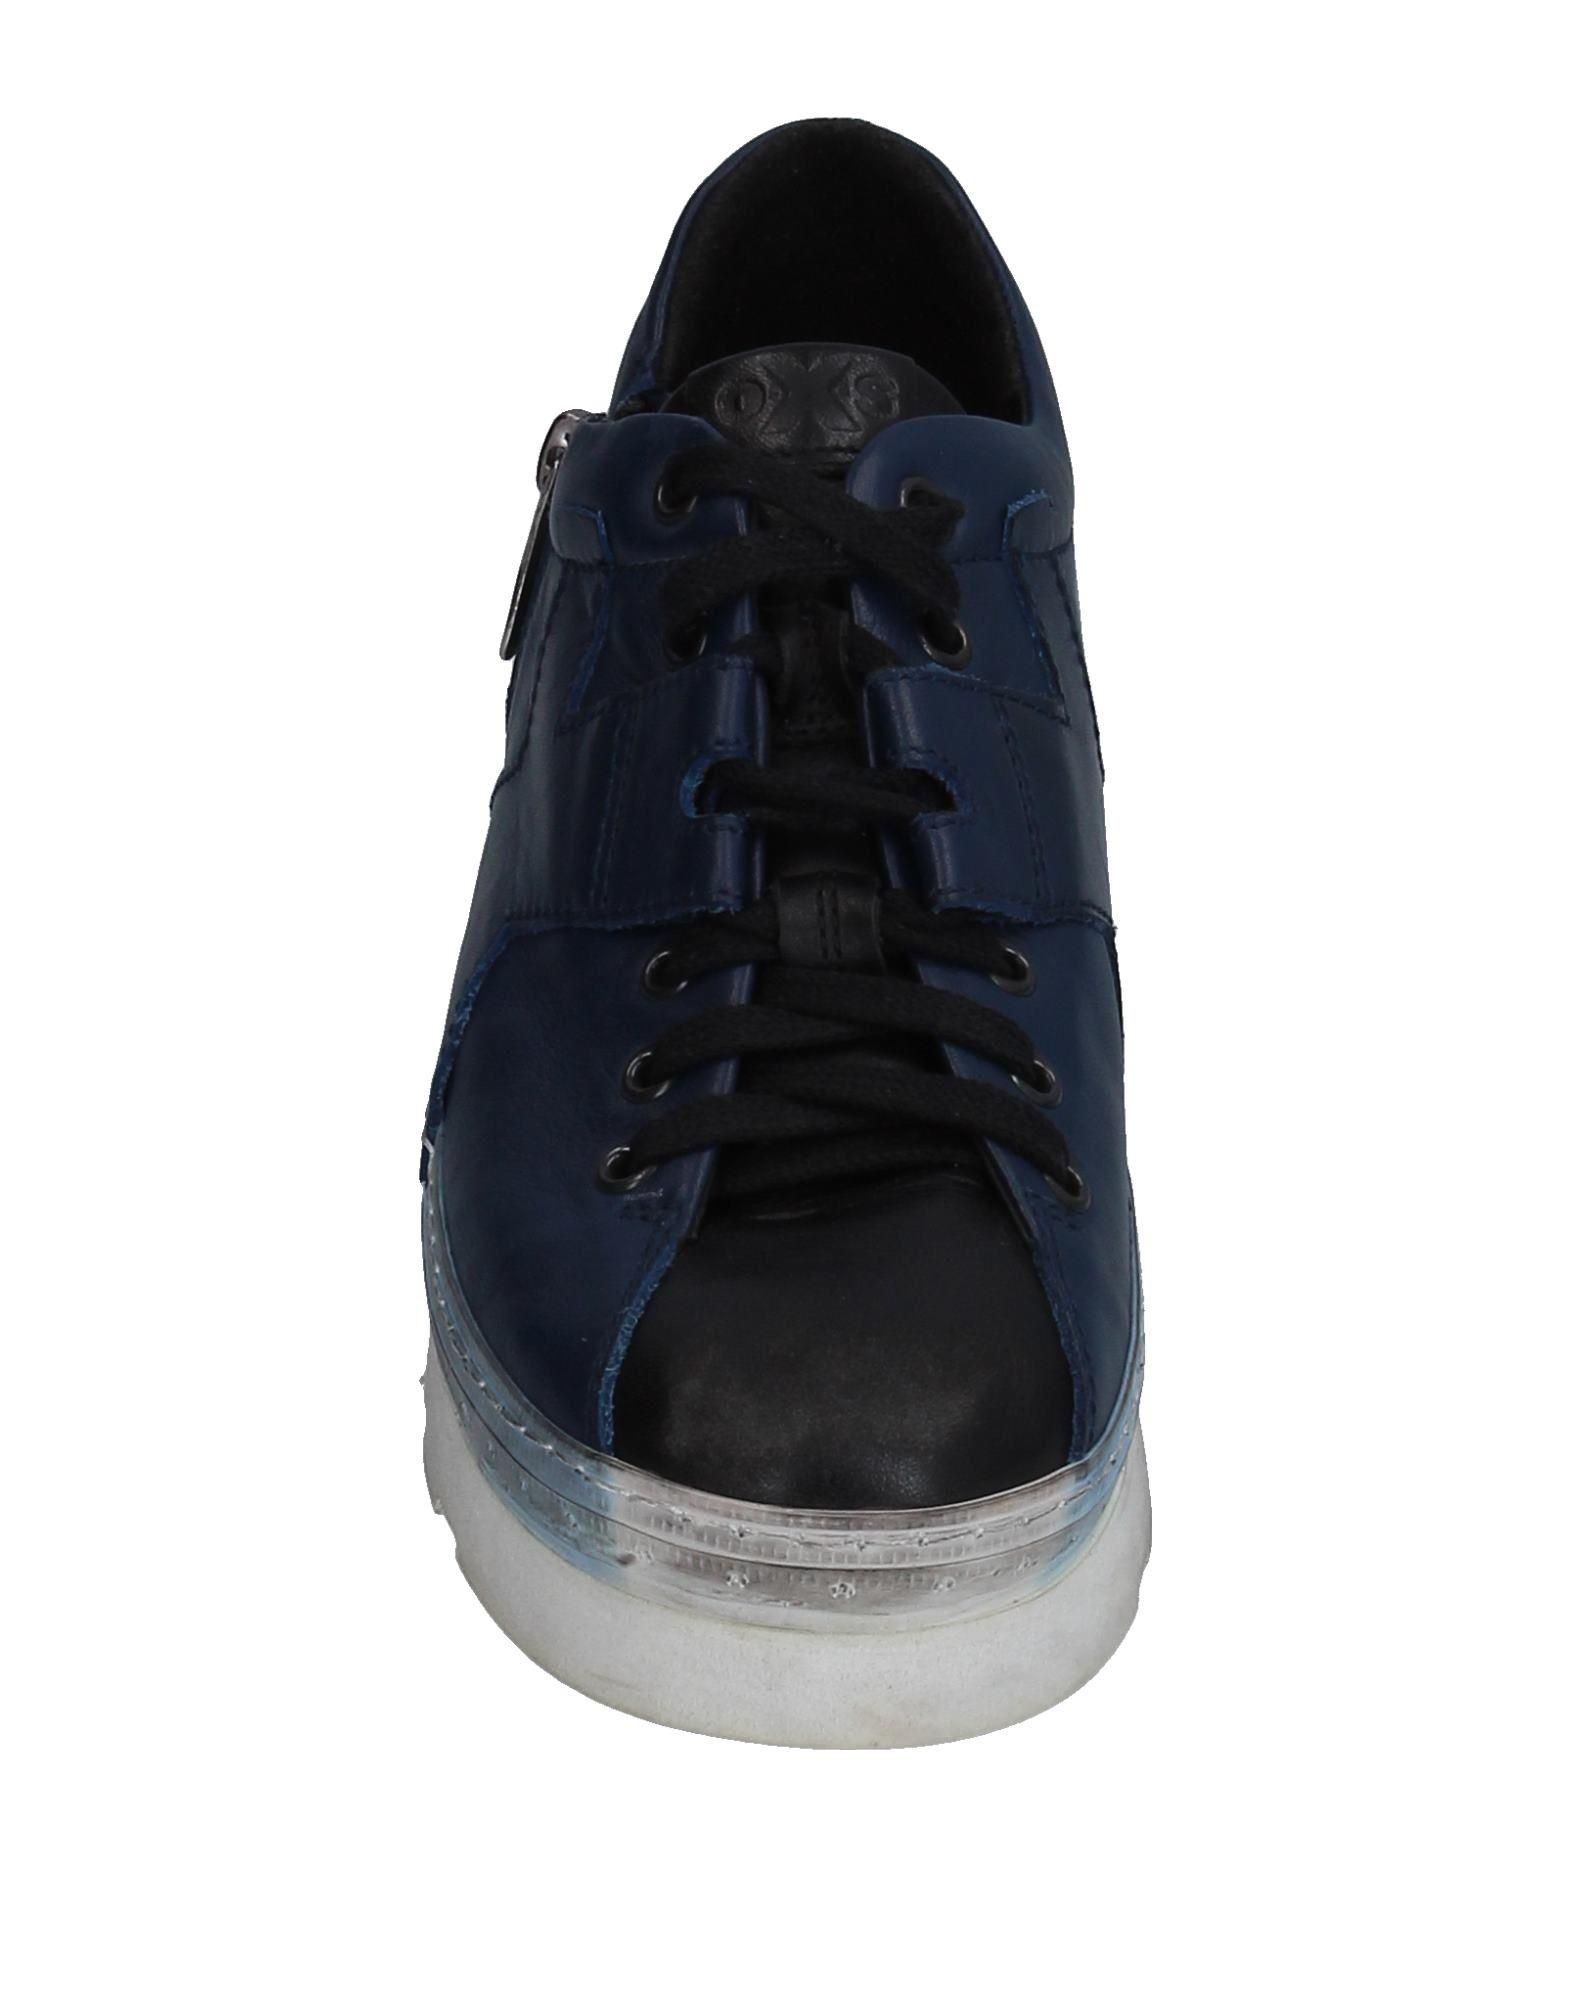 O.X.S. Sneakers Damen  11356629KR Gute Qualität beliebte Schuhe